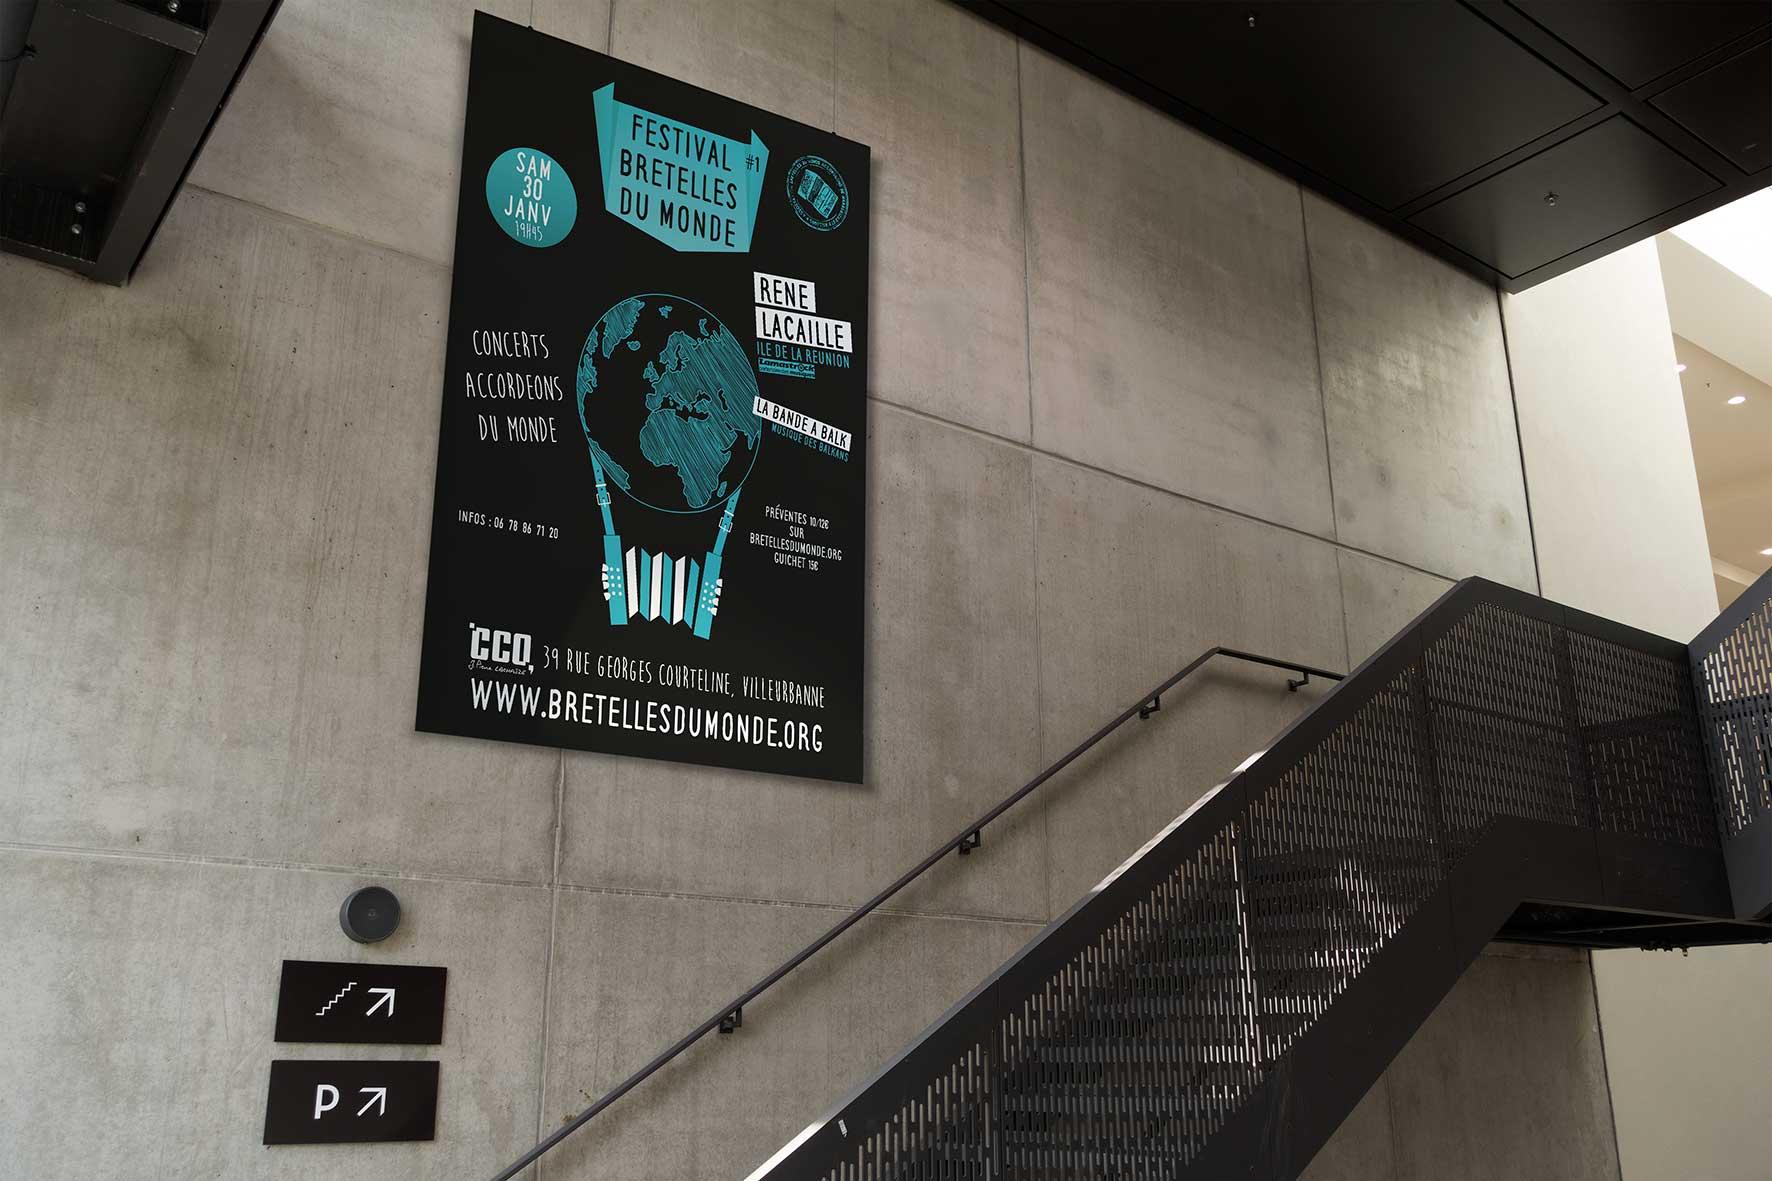 Affiche festival bretelles du monde janvier 2016 - métro Lyon